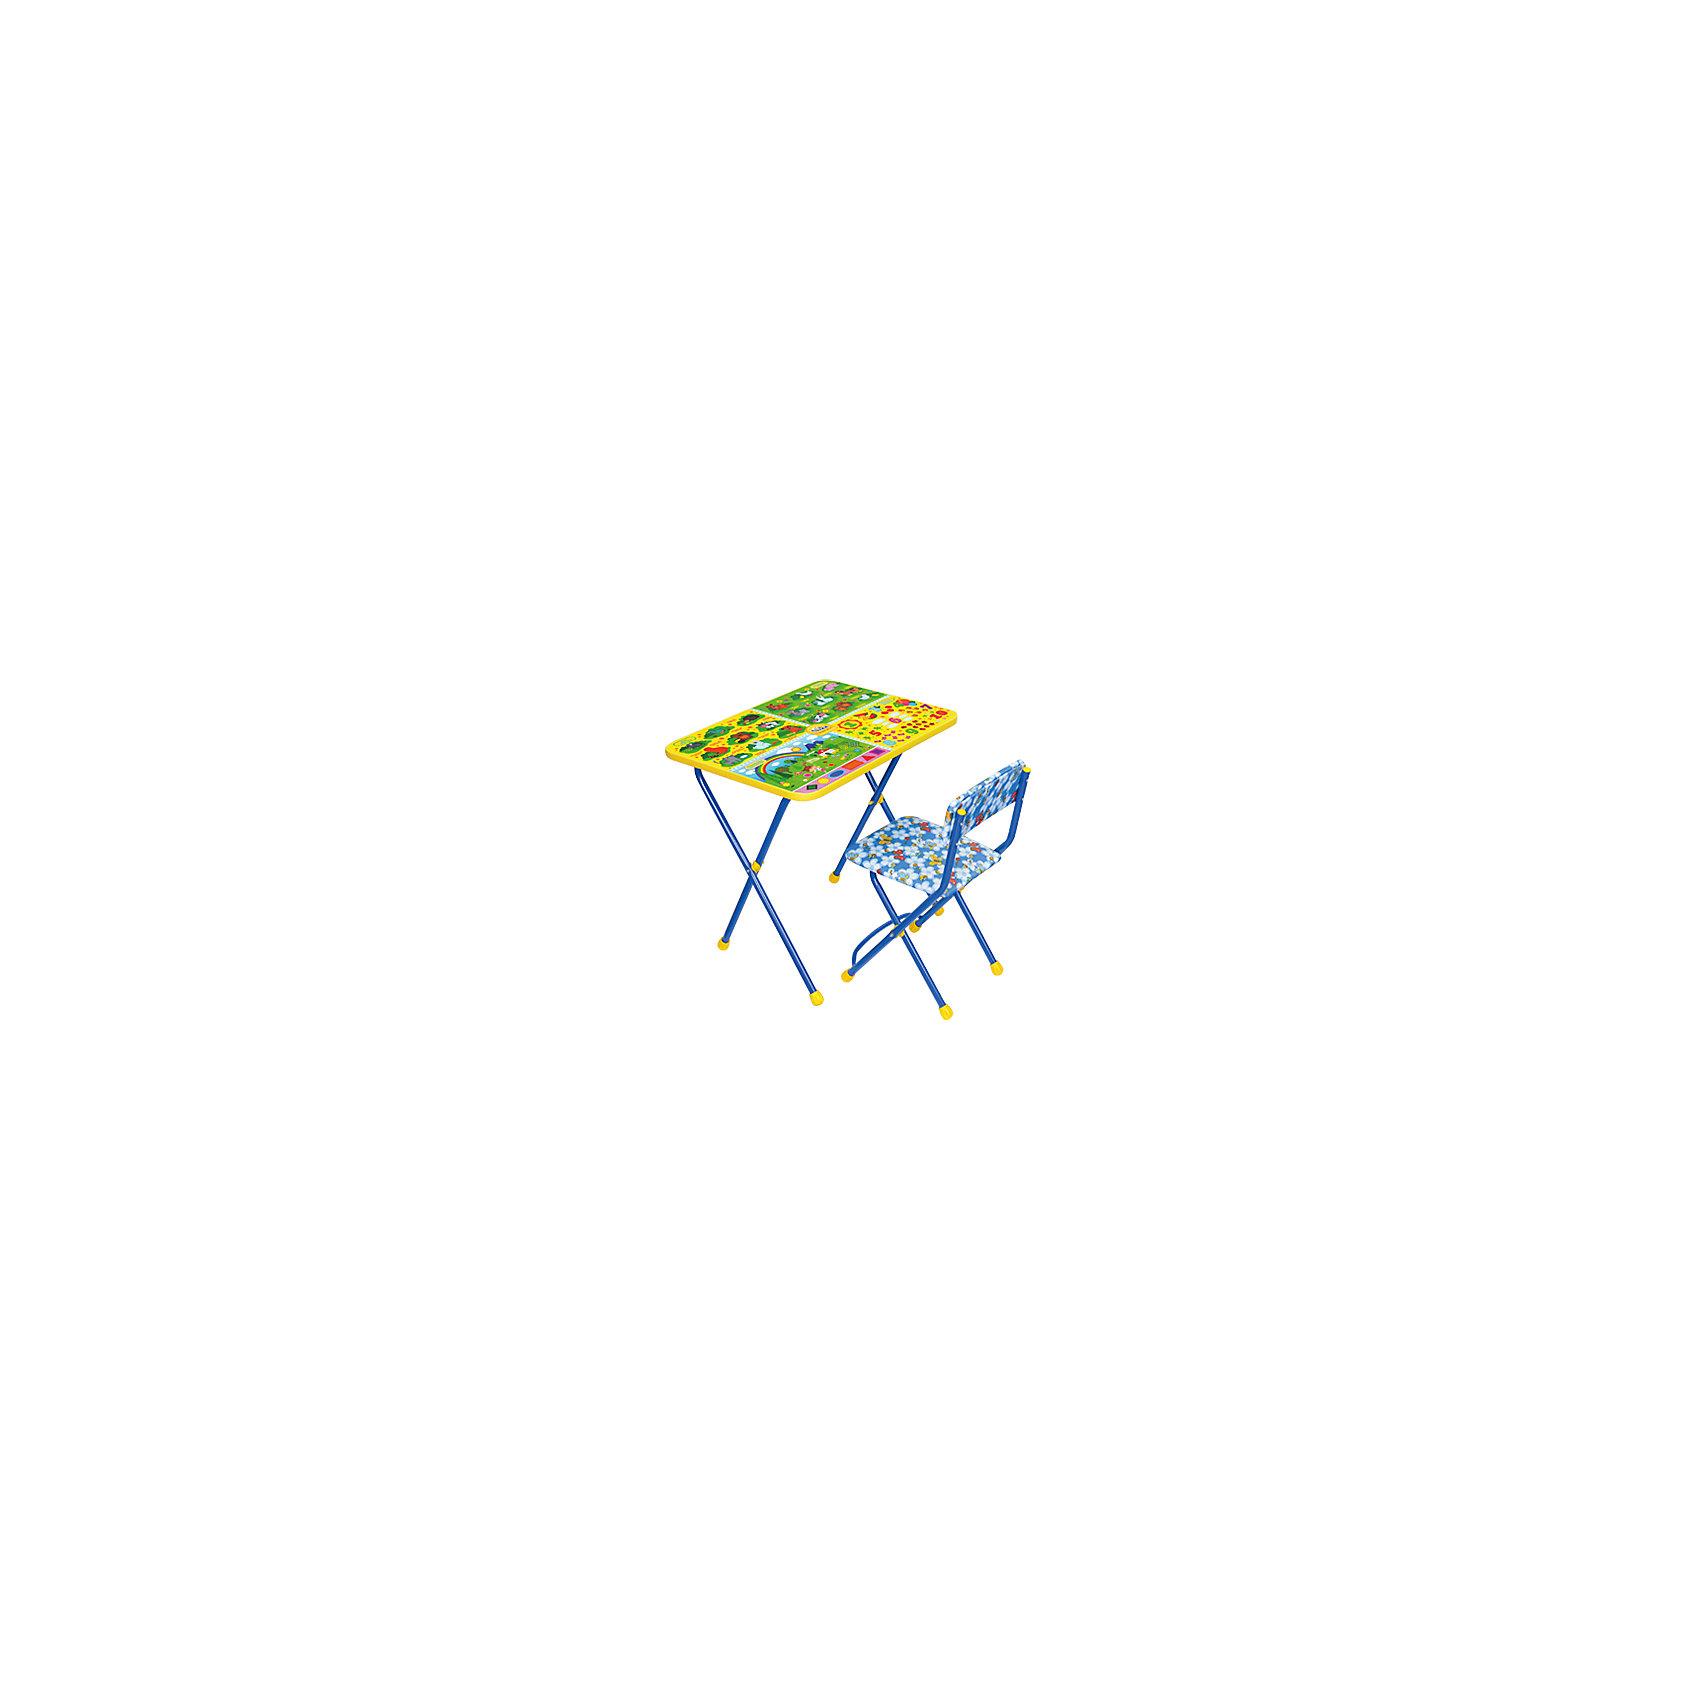 Набор мебели Хочу все знатьНабор детской мебели Хочу все знать состоит из двух предметов: стол-парта и стульчик.  На крышке столика изображены рисунки способствующие развитию ребенка.<br><br>Дополнительная информация:<br><br>В комплект входит стол-парта и стул с мягким сиденьем.<br>- Металлический каркас.<br>- Столешница облицована пленкой с тематическими рисунками.<br>- На ножках стула установлены пластмассовые наконечники.<br>- Размер столика: 59х45х57 см.<br>- Размер стула: высота до сиденья 32 см, высота со спинкой 56 см.<br>Сиденье: 30х27 см.<br>- Возраст: от 3-х лет<br><br>Набор мебели Хочу все знать можно купить в нашем магазине.<br><br>Ширина мм: 580<br>Глубина мм: 120<br>Высота мм: 450<br>Вес г: 8000<br>Возраст от месяцев: 36<br>Возраст до месяцев: 108<br>Пол: Унисекс<br>Возраст: Детский<br>SKU: 4718355